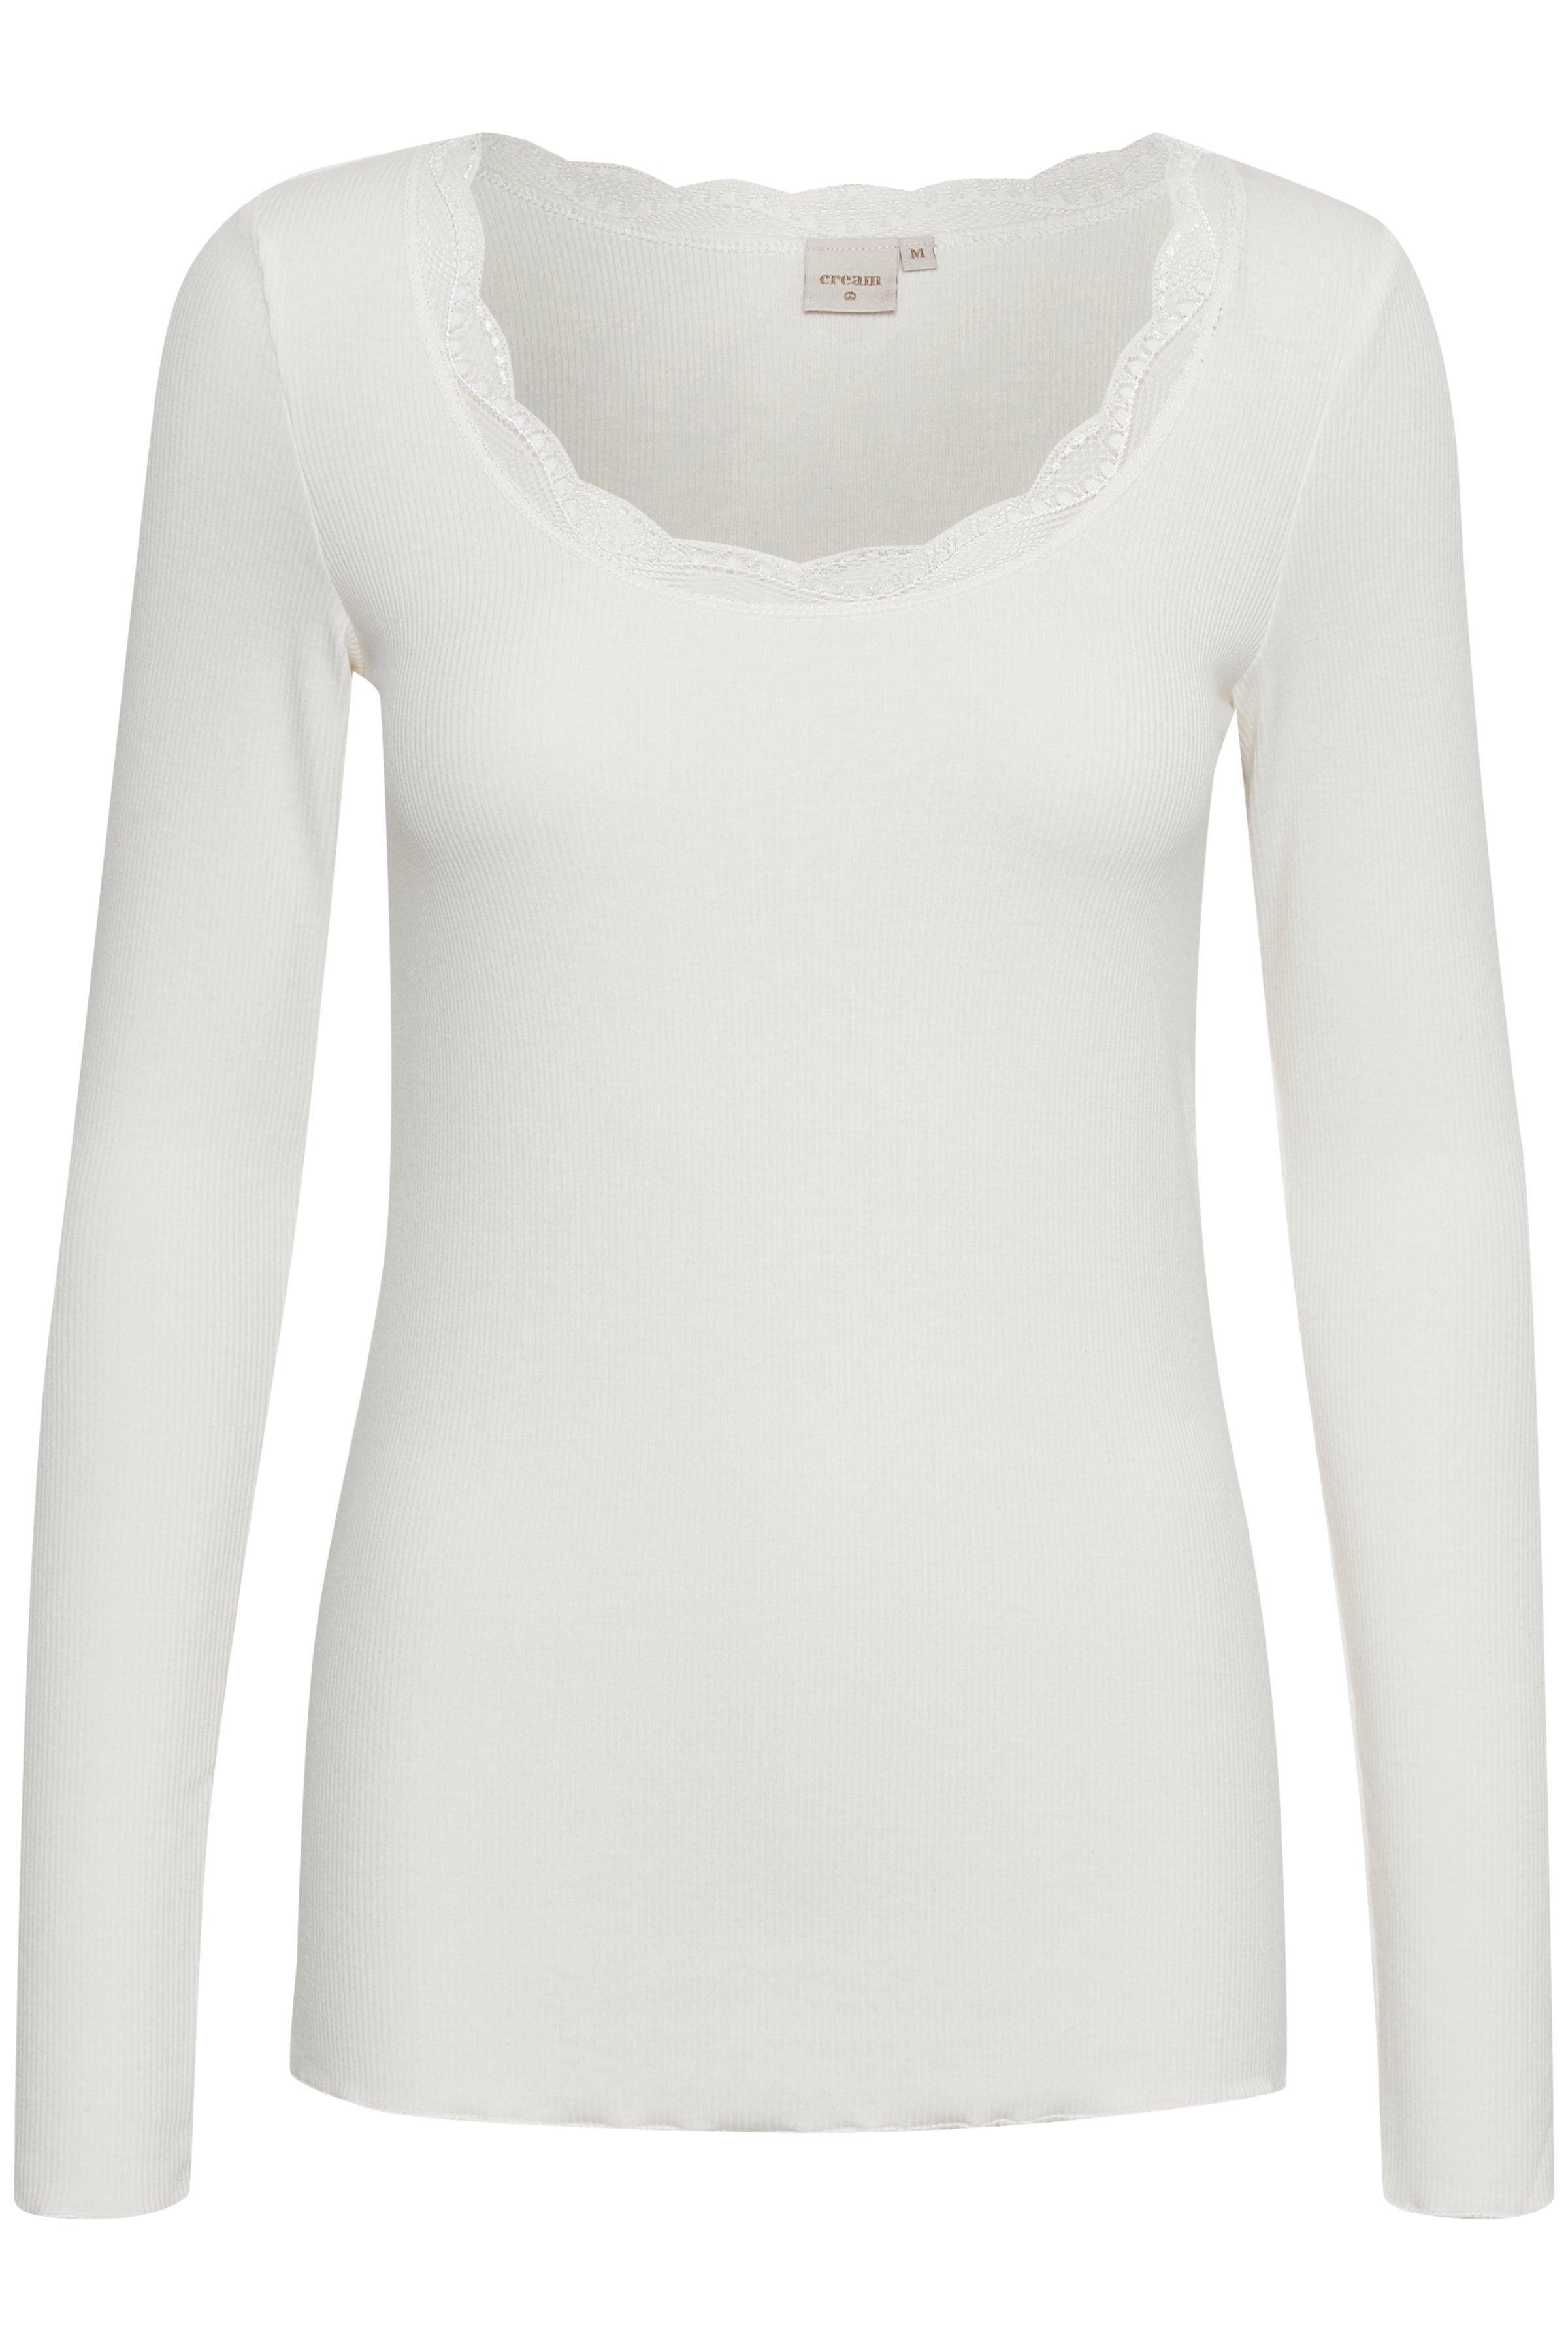 Image of Cream Dame Bluse med lange ærmer og udskæring foran. Blondekant langs hals og ærmer. Normal pasform. Blød jersey kvalitet med stretch. En blød basis bluse - Off-white